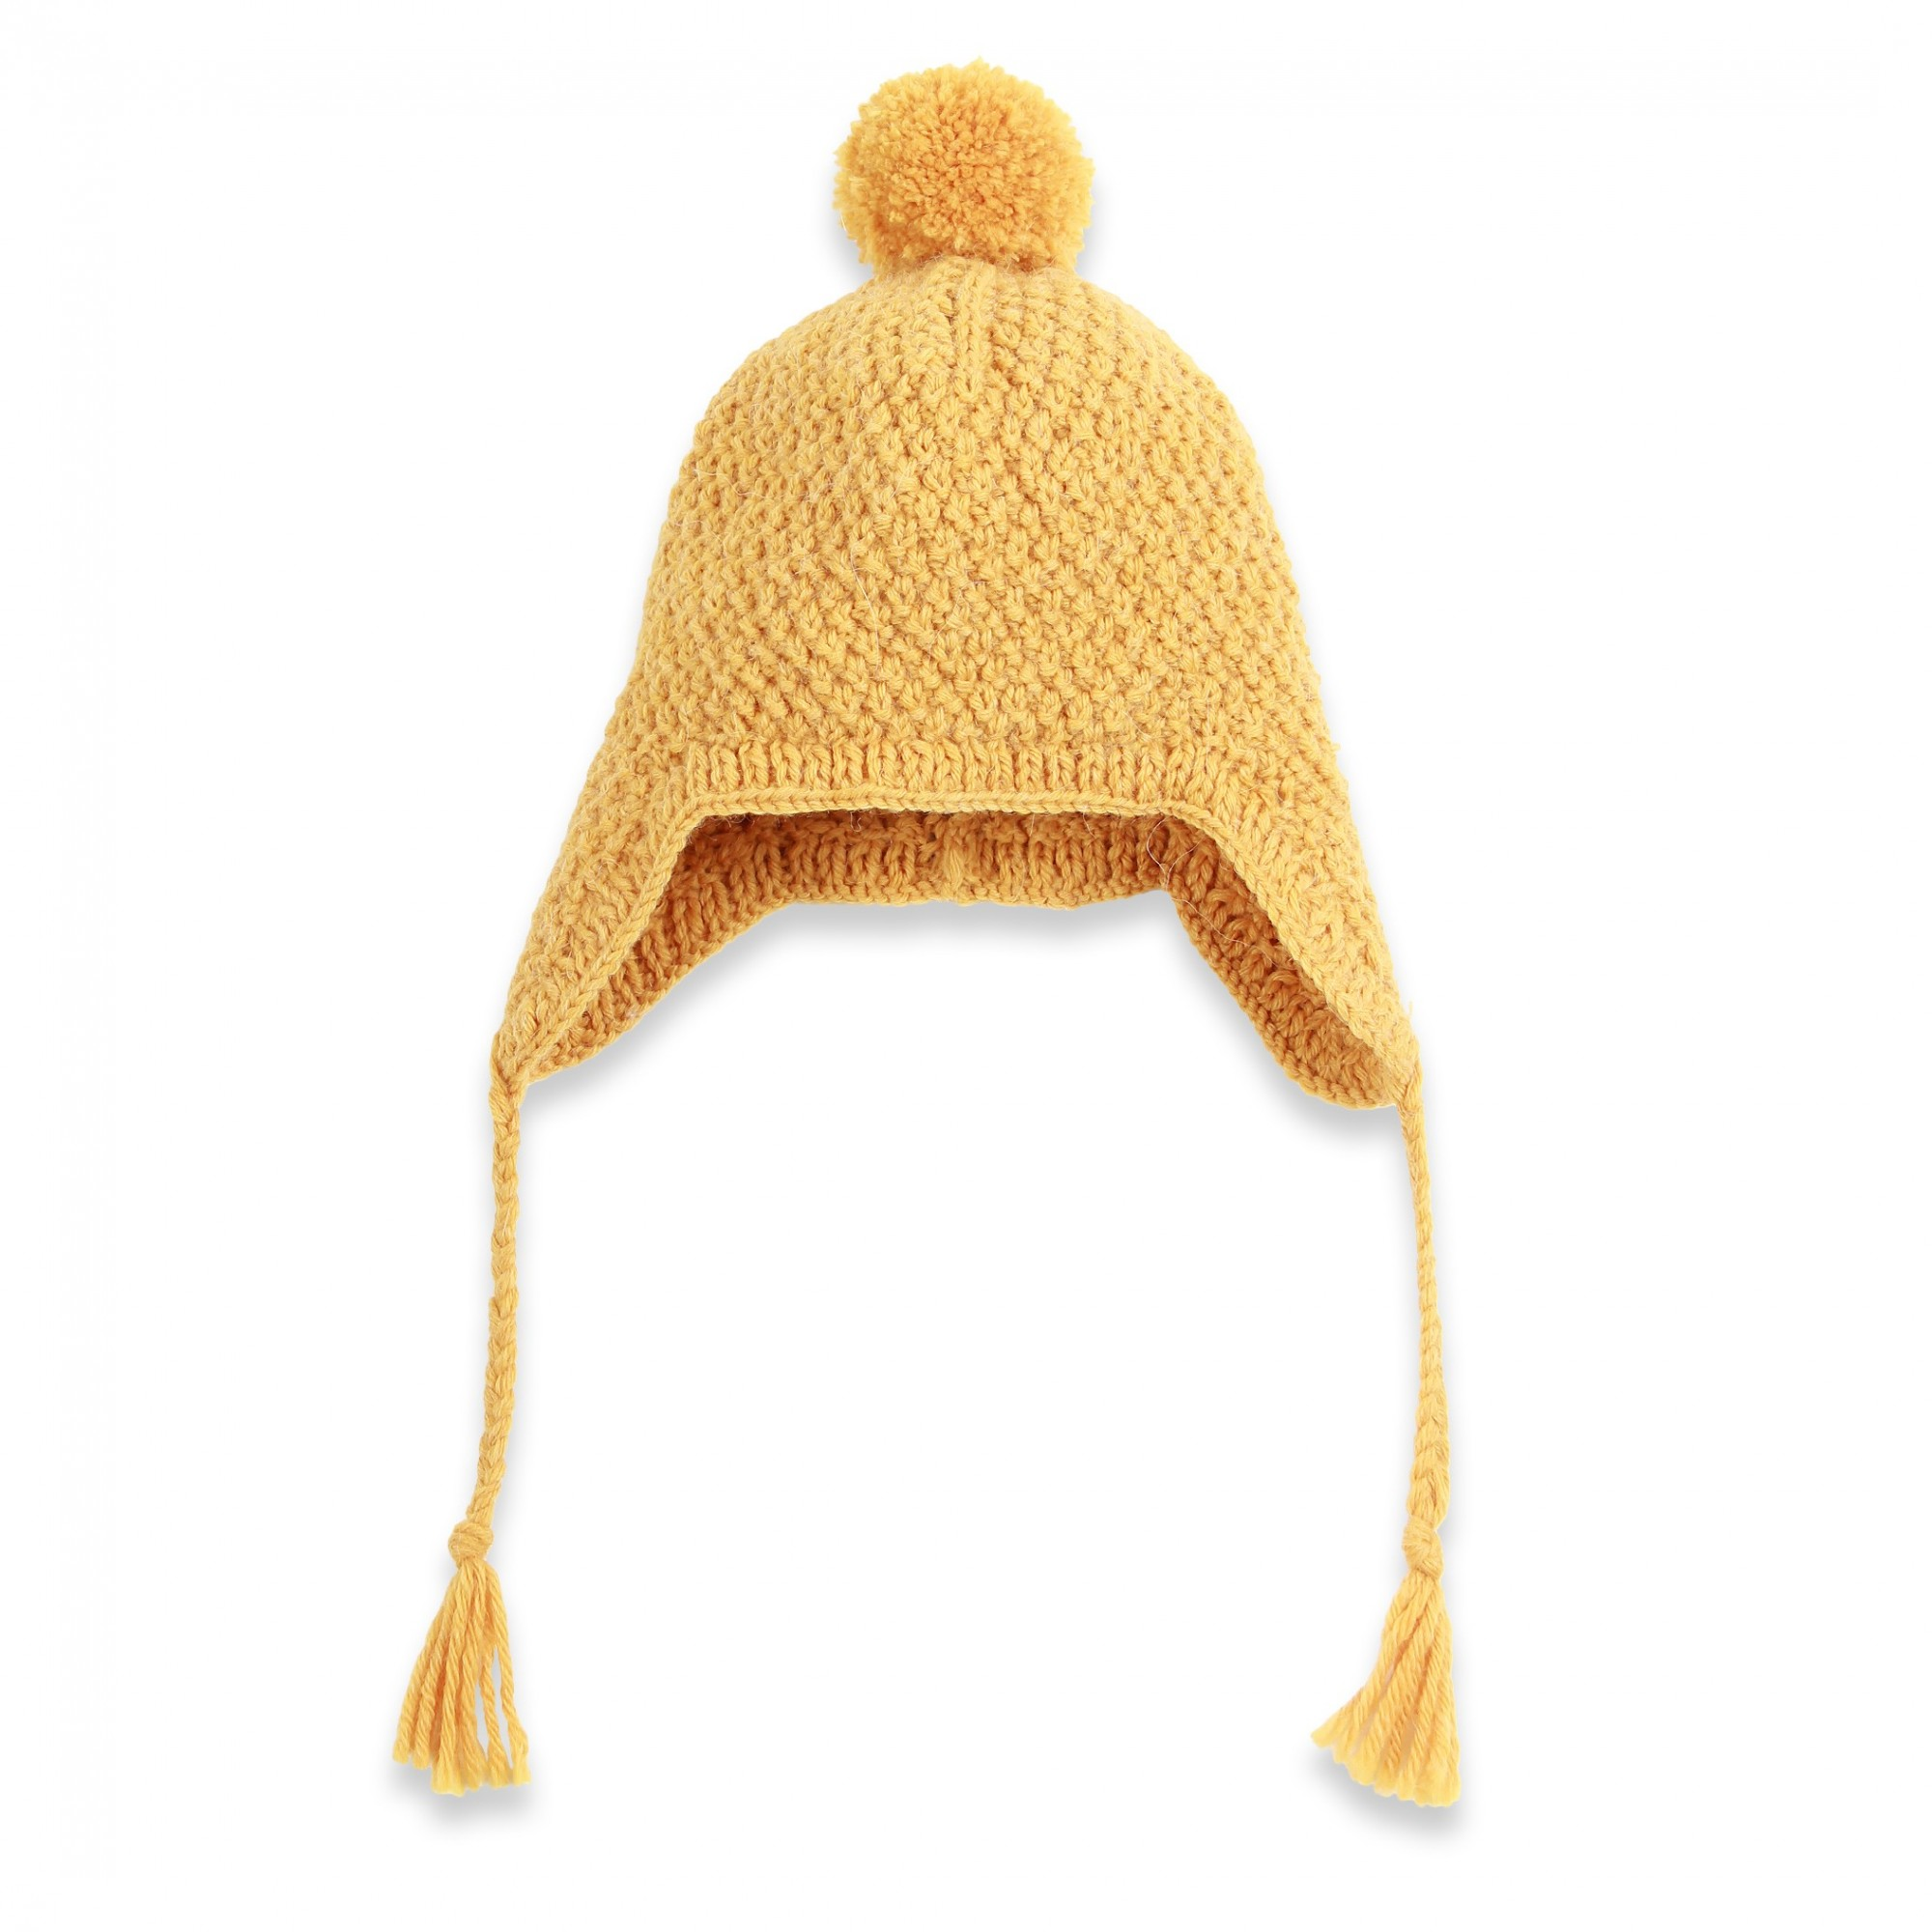 les tricots de mamy bonnet b b enfant jaune moutarde avec pompom tricot au point de bl en. Black Bedroom Furniture Sets. Home Design Ideas